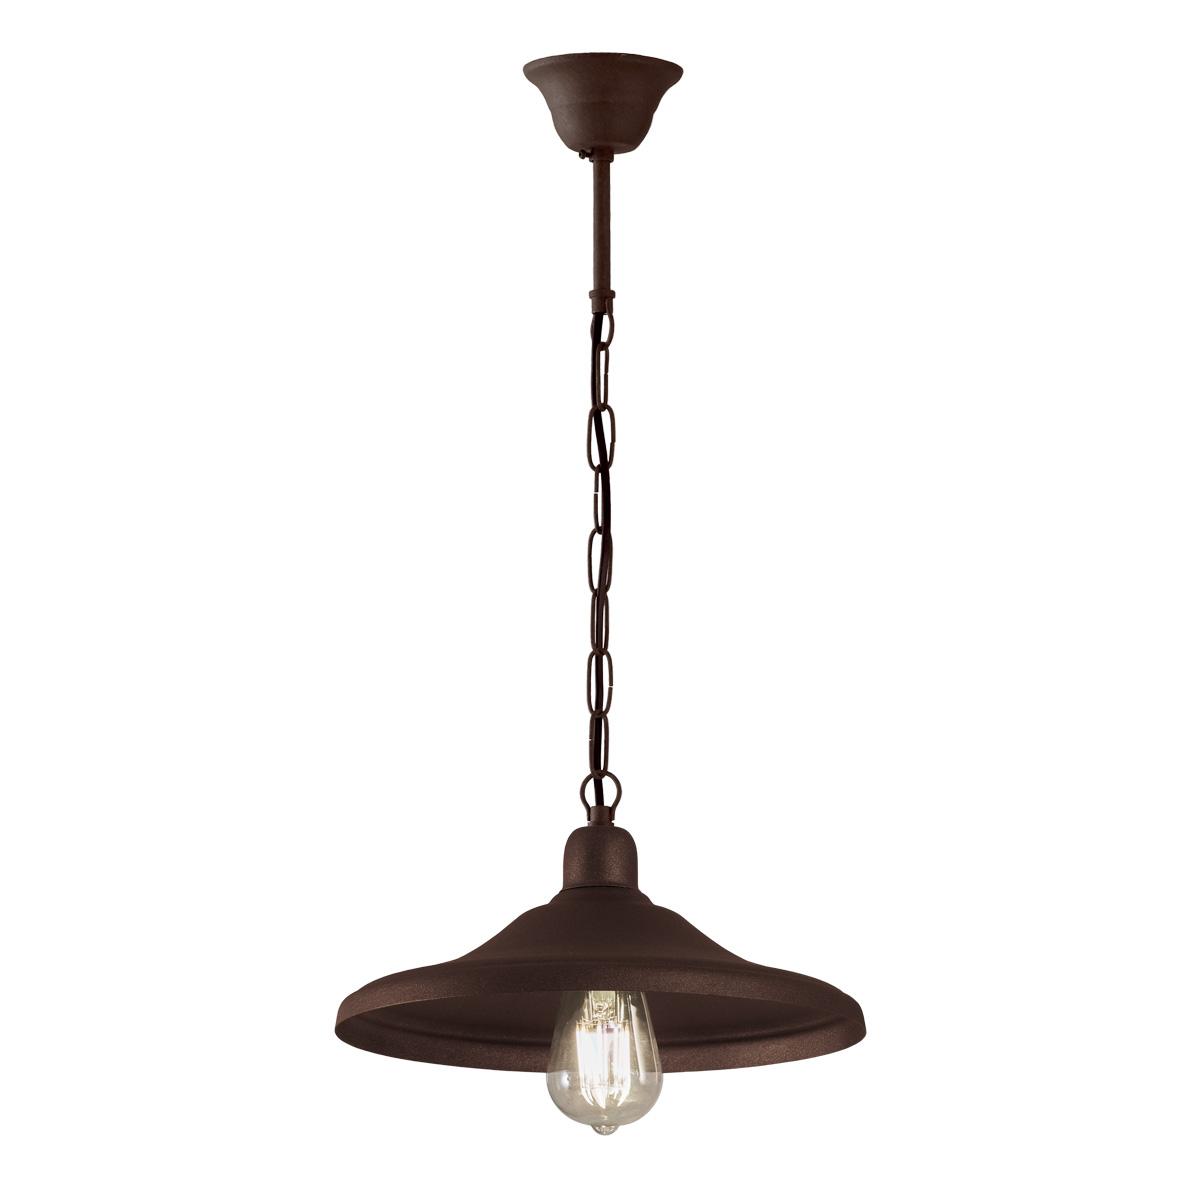 Ρουστίκ κρεμαστό φωτιστικό σε καφέ πατίνα ΙΟΣ brown patinated rustic suspension lamp